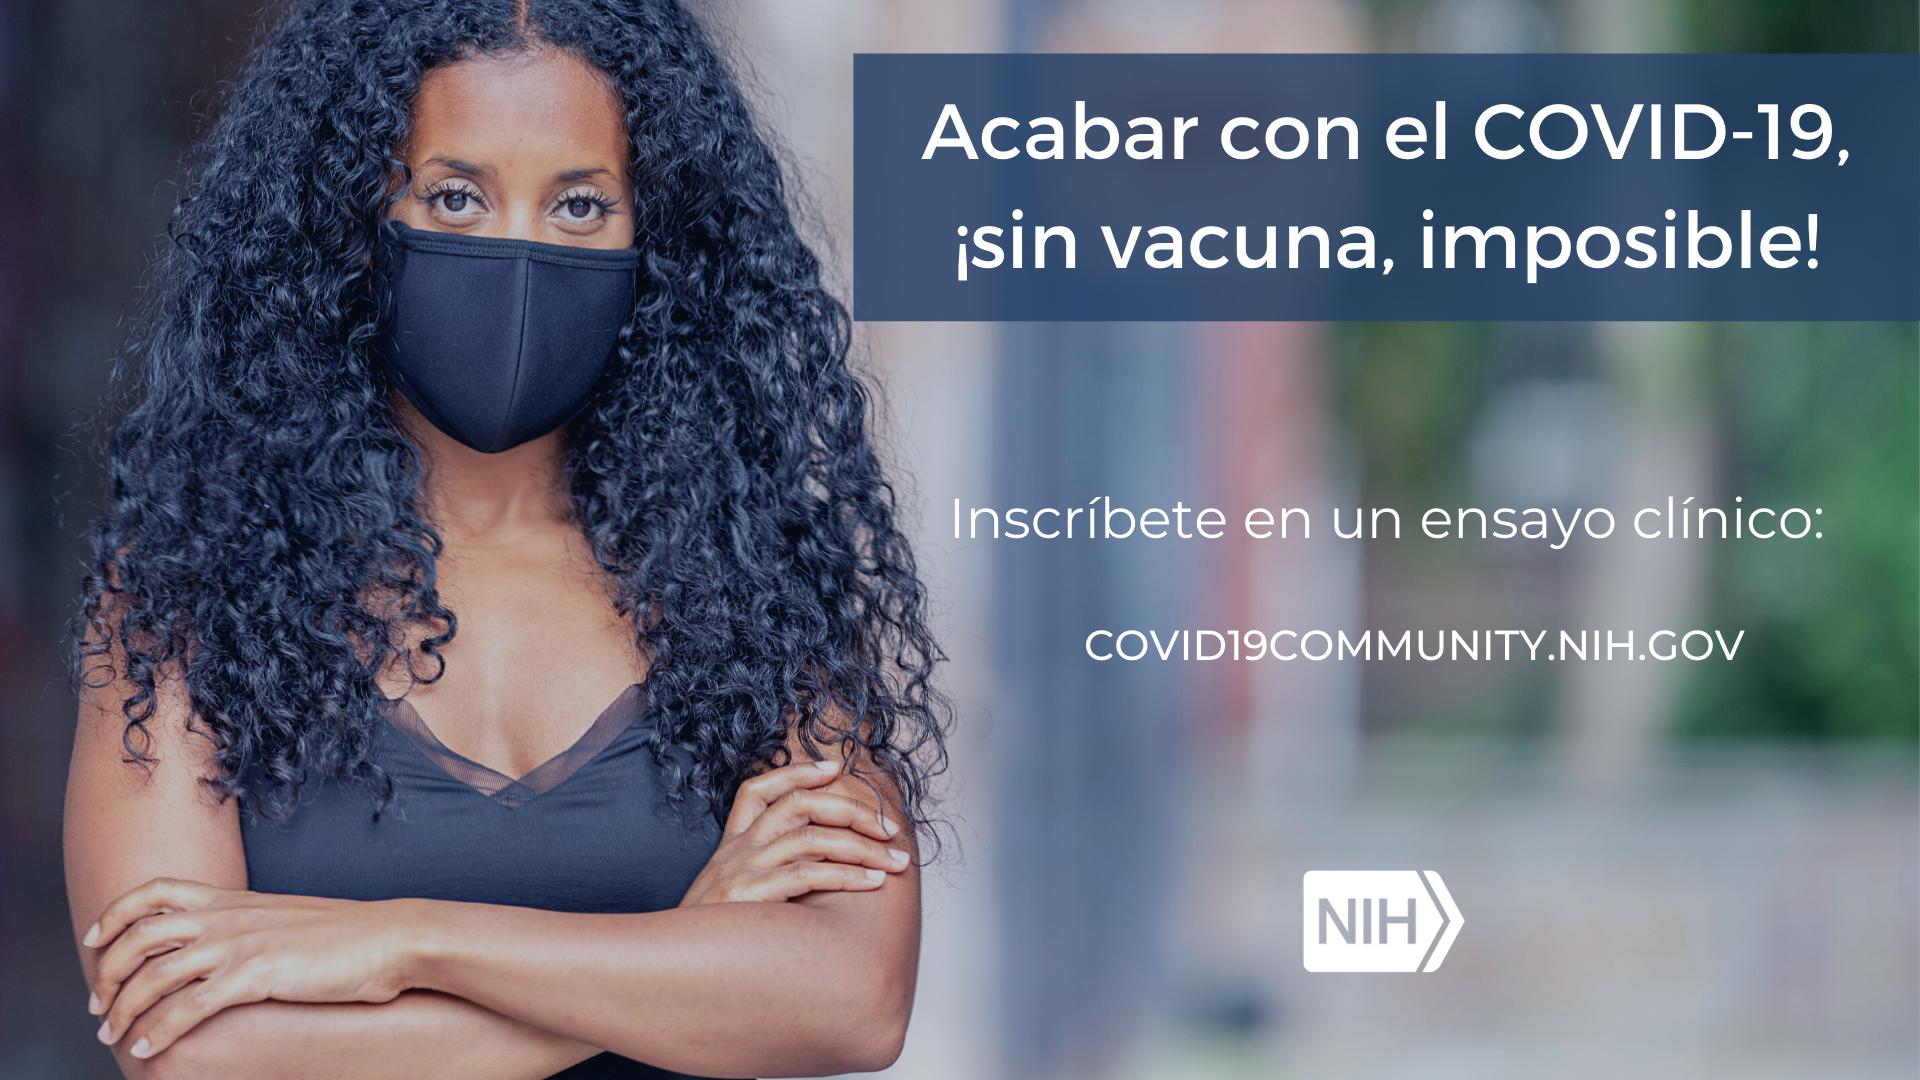 """Imagen de una mujer con tapaboca. La imagen dice: Acabar con el COVID-19, ¡sin vacuna, imposible! Inscríbete en un ensayo clínico: covid19community.nih.gov"""""""